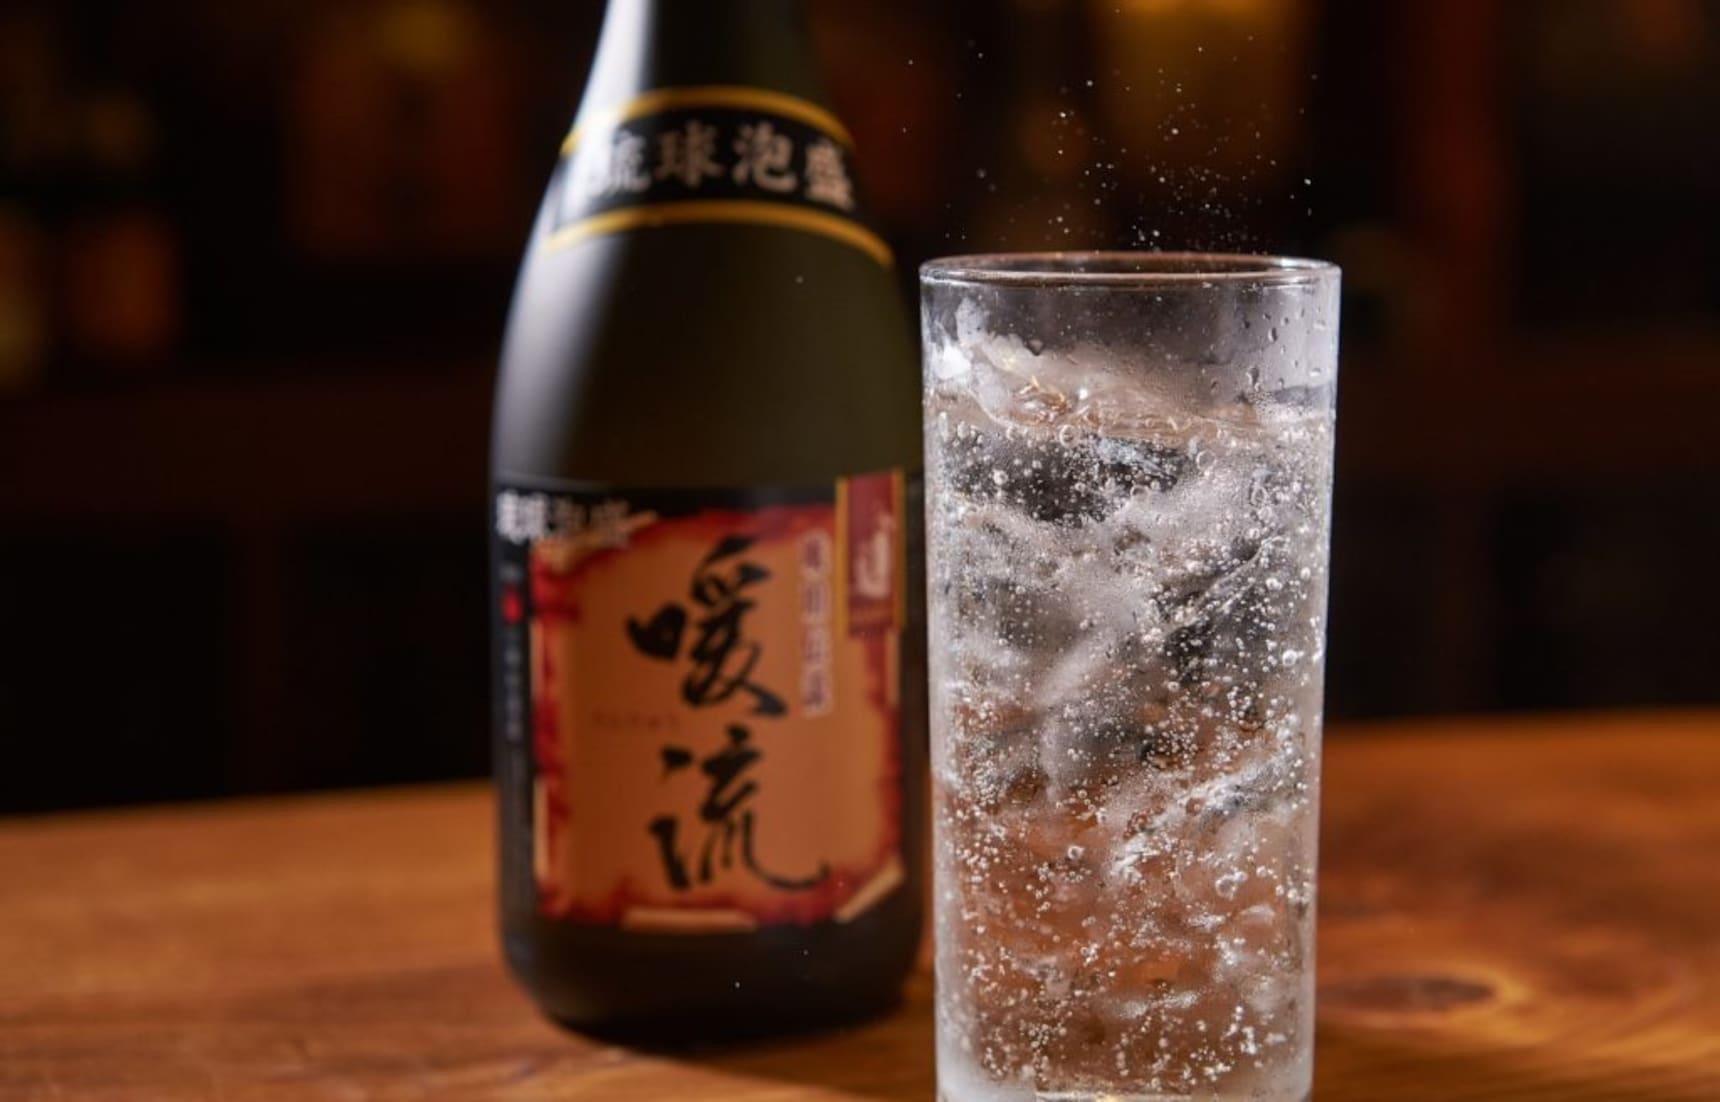 오키나와의 전통 증류주 아와모리 2부